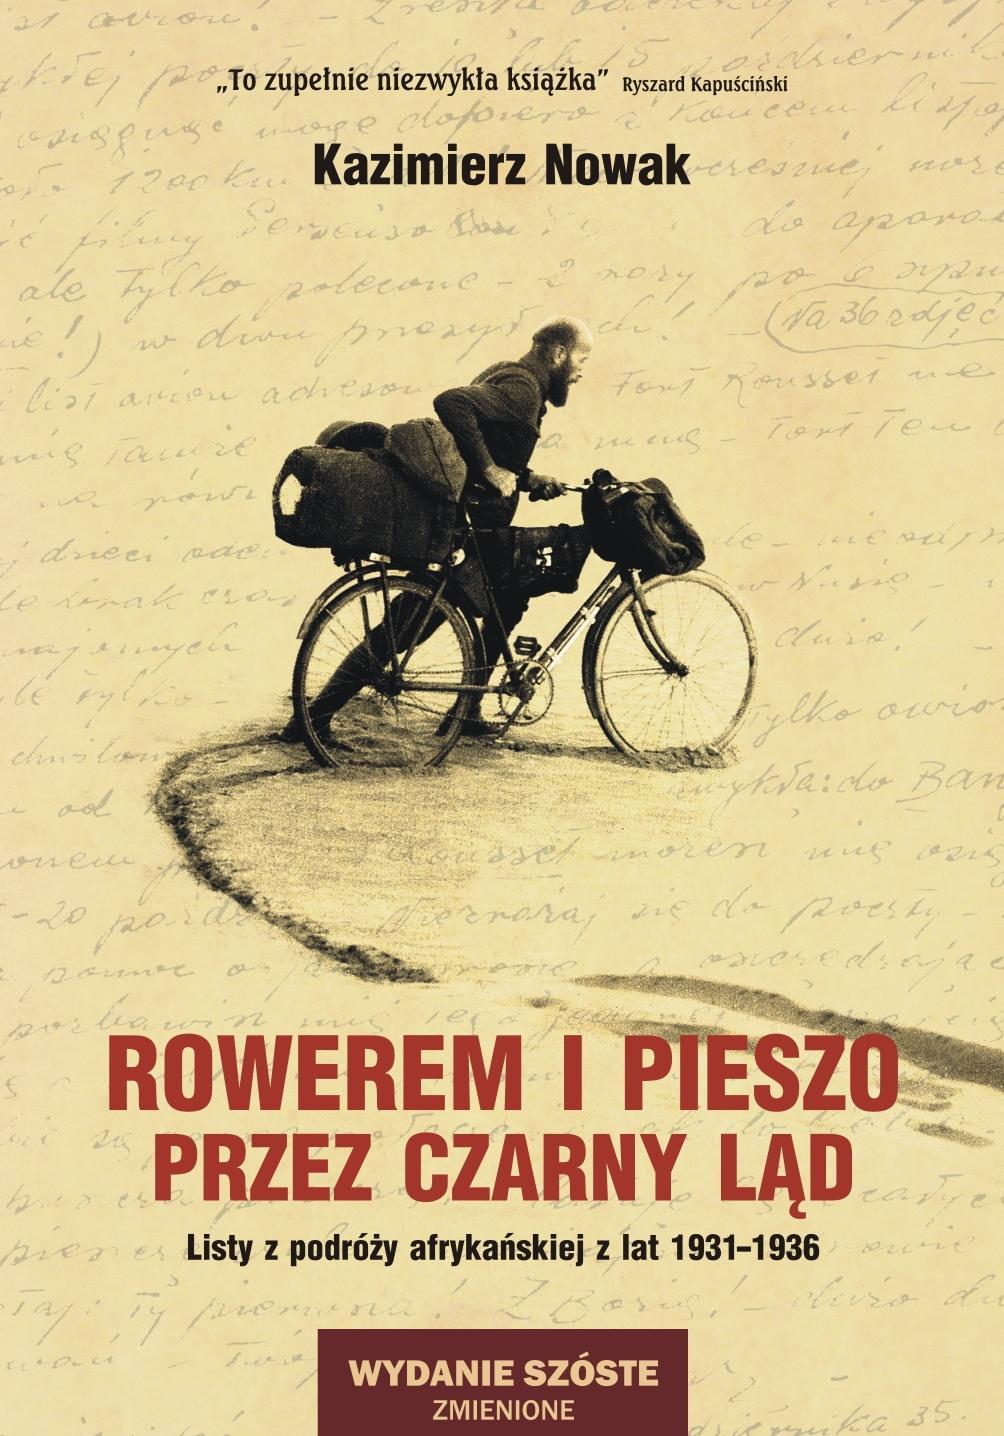 Kazimierz Nowak - Rowerem i pieszo przez Czarny Ląd (wydanie VI)